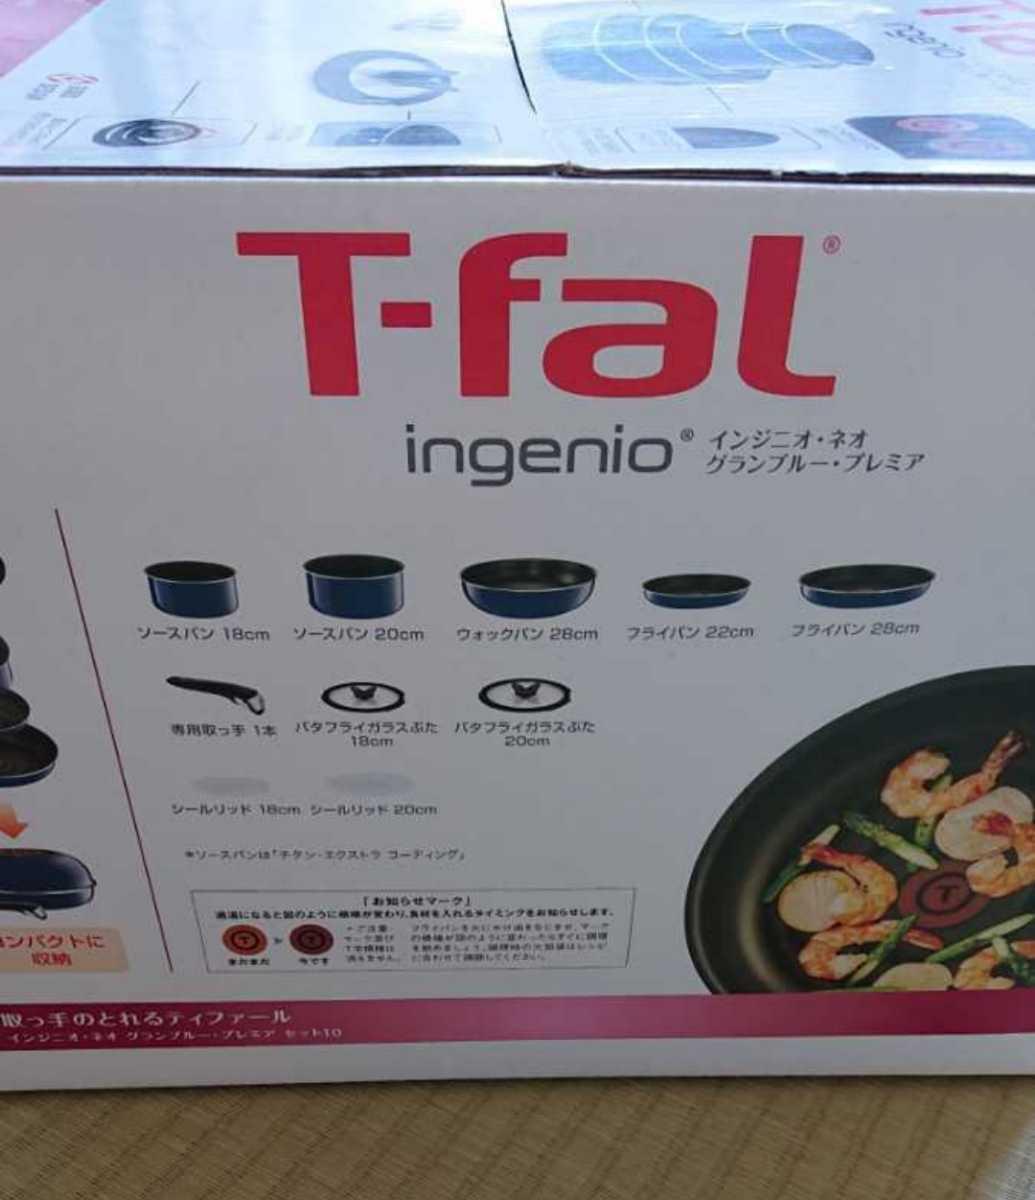 新品 ティファール インジニオネオ ソースパン T-fal 18cm 即決 送料無料